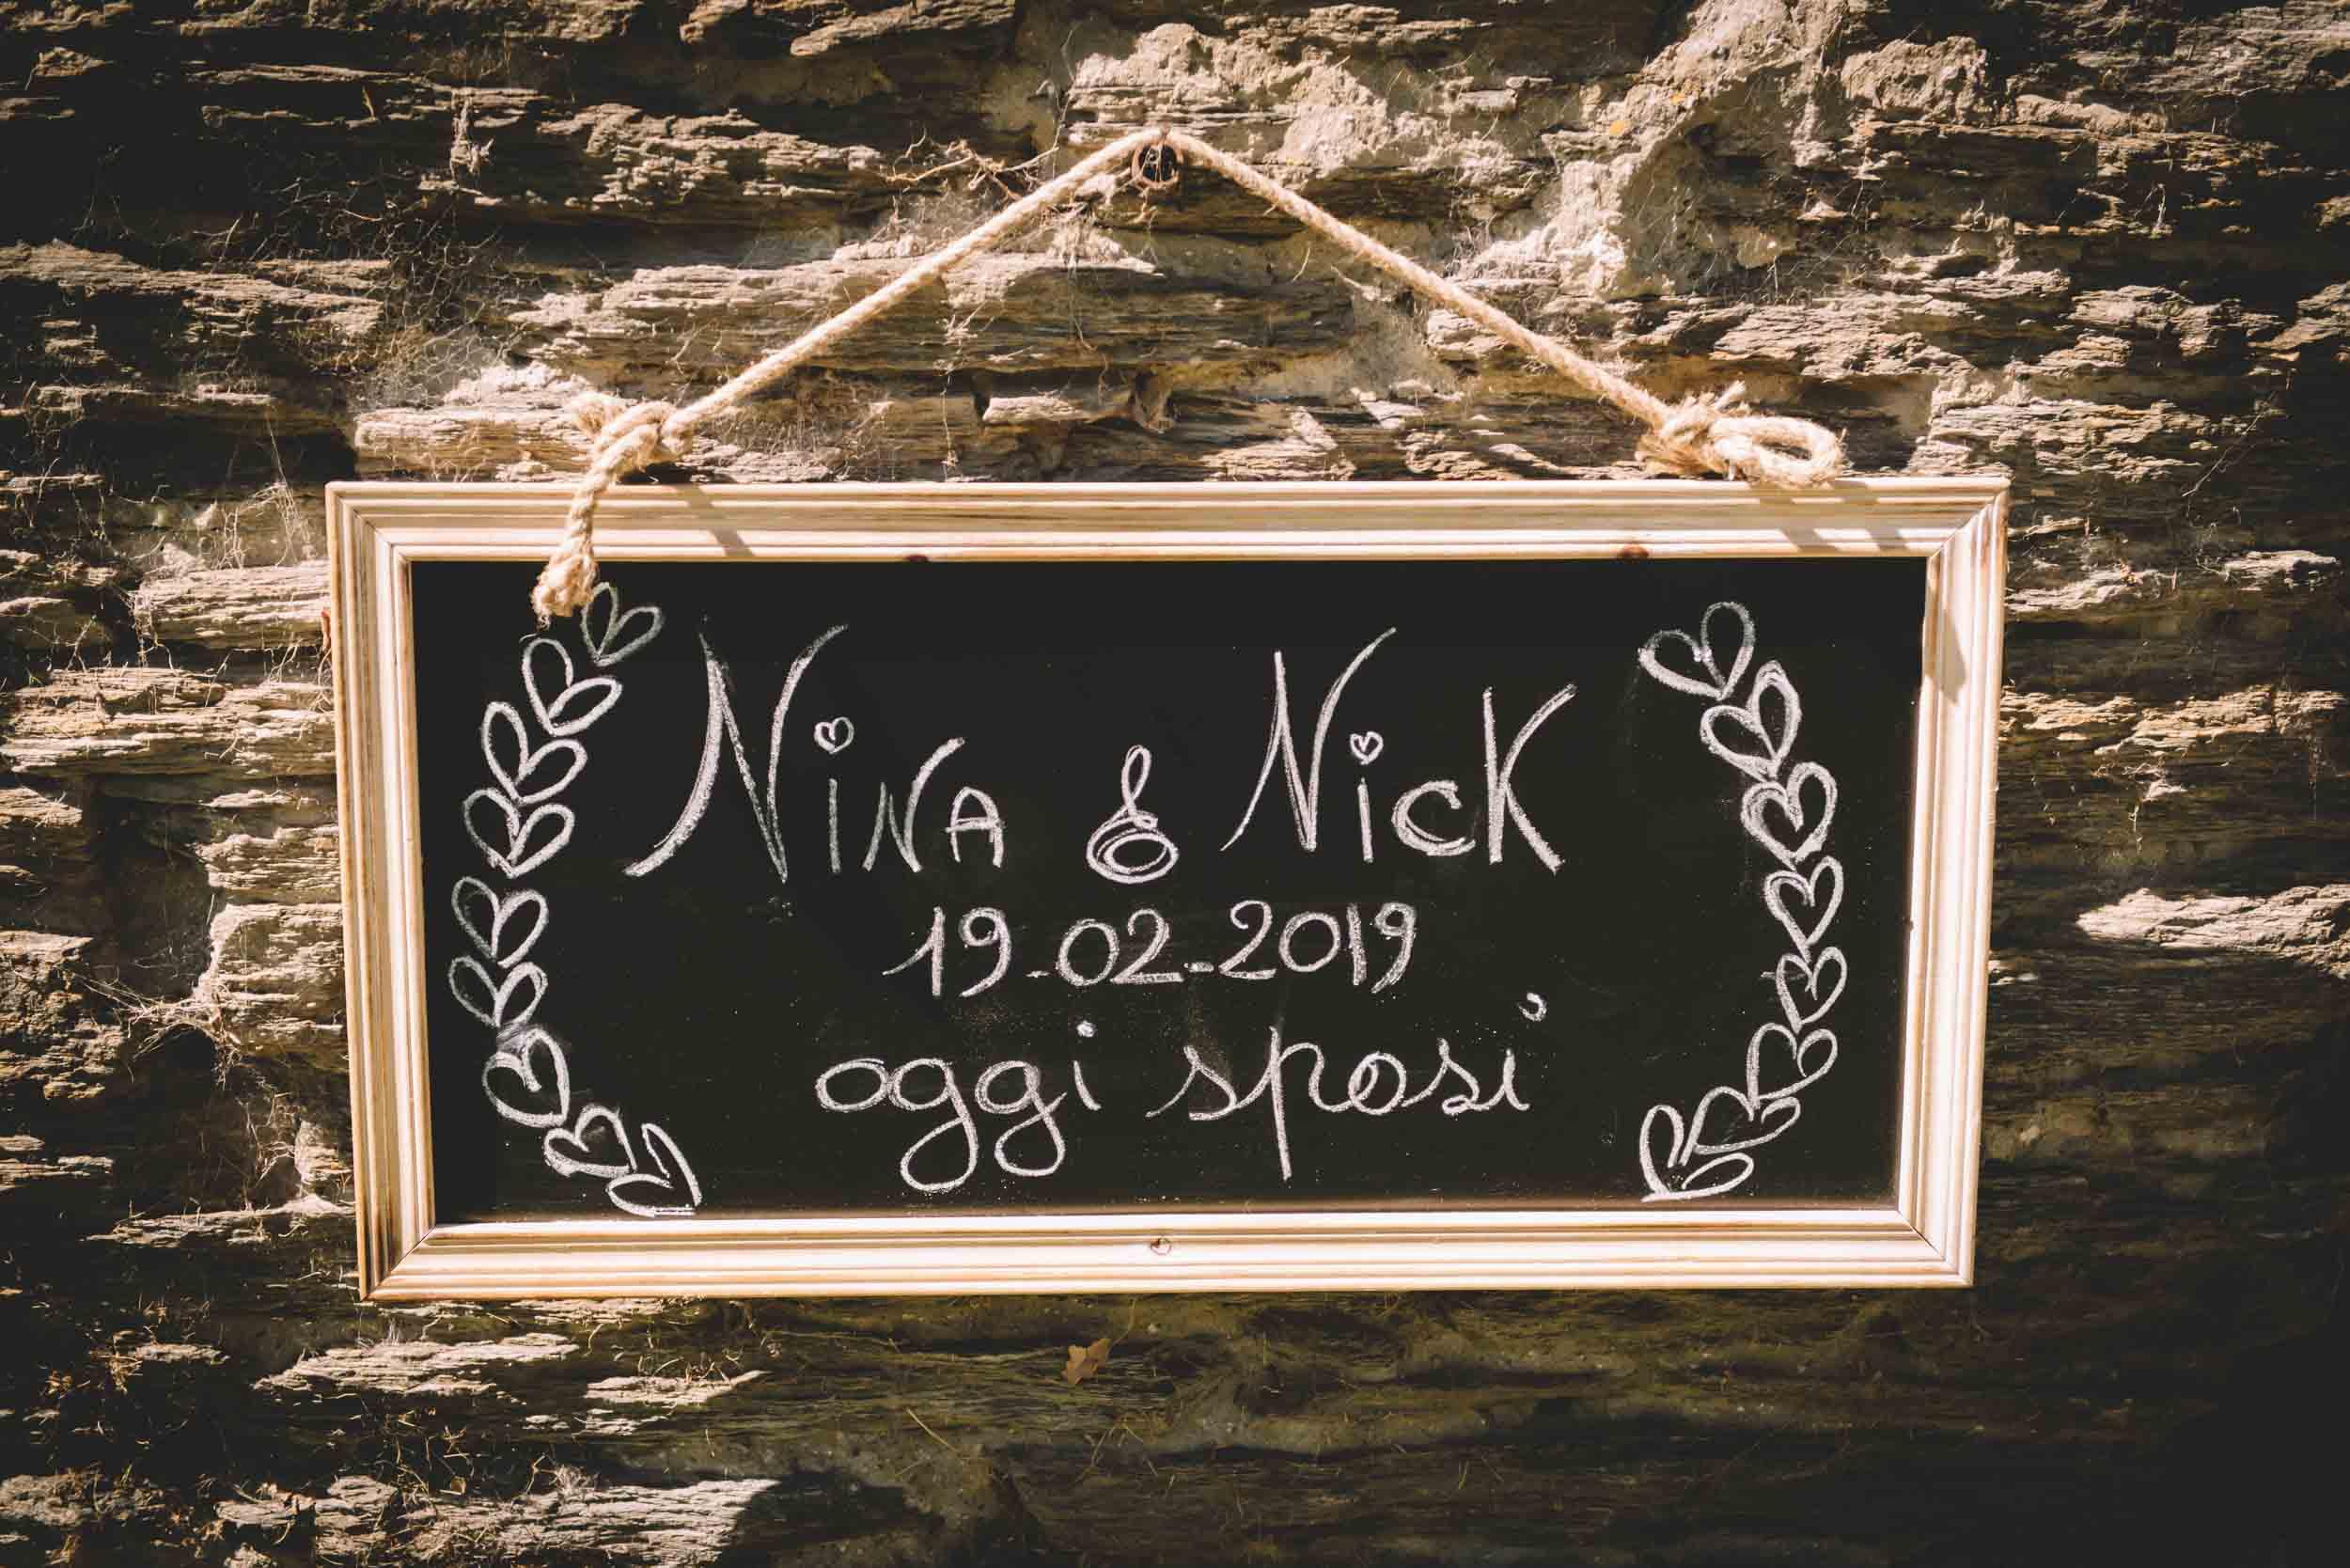 Nick & Nina's Thurlby Domain Elopement sign